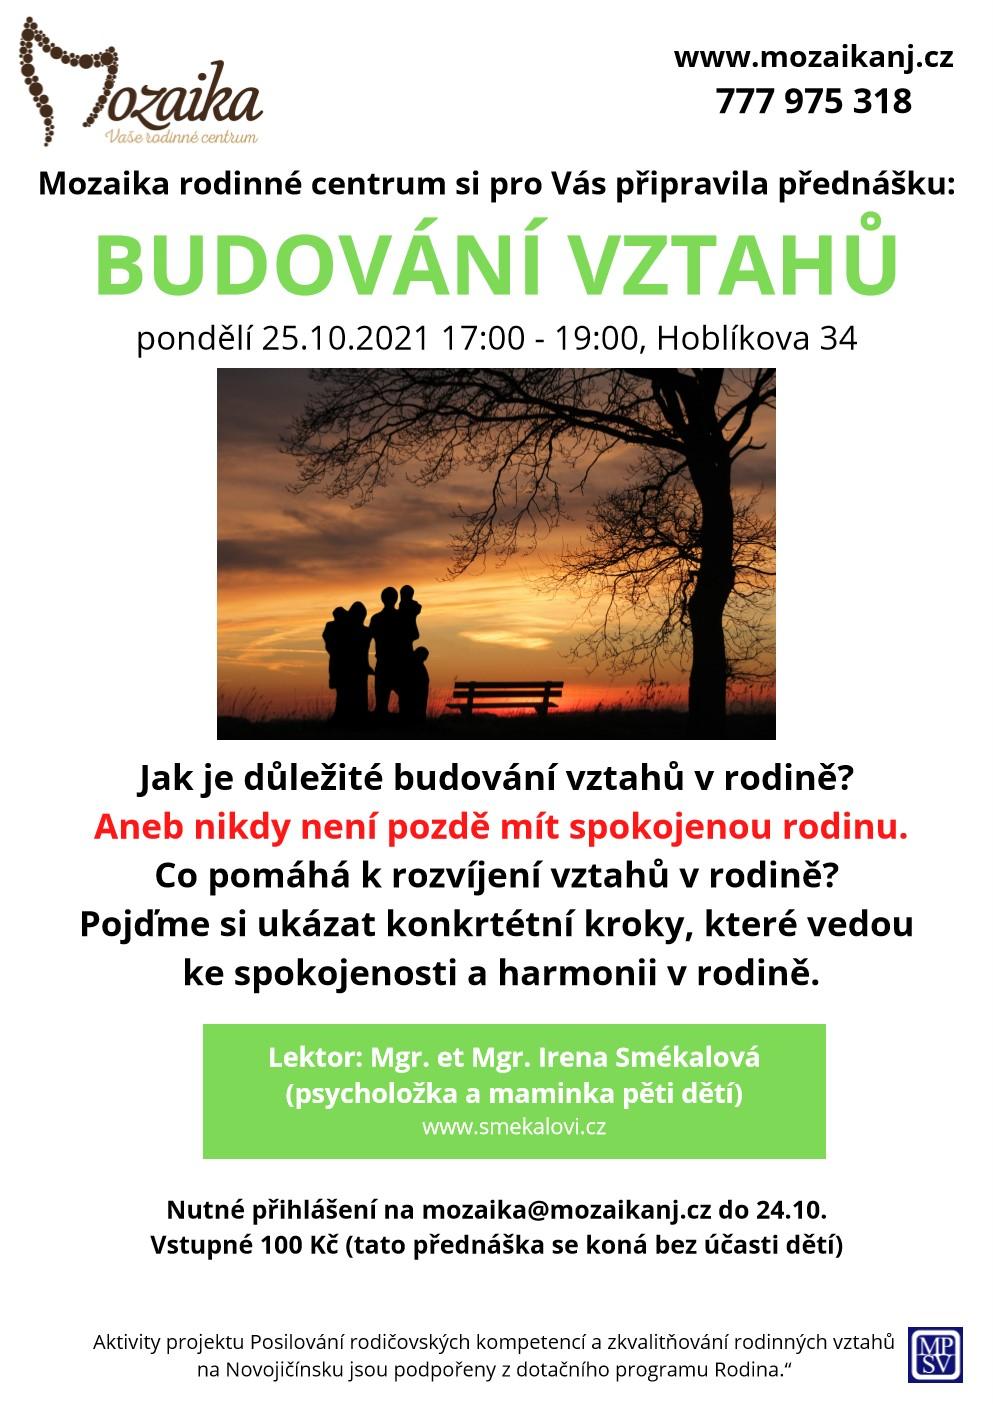 přednáška budování vztahů